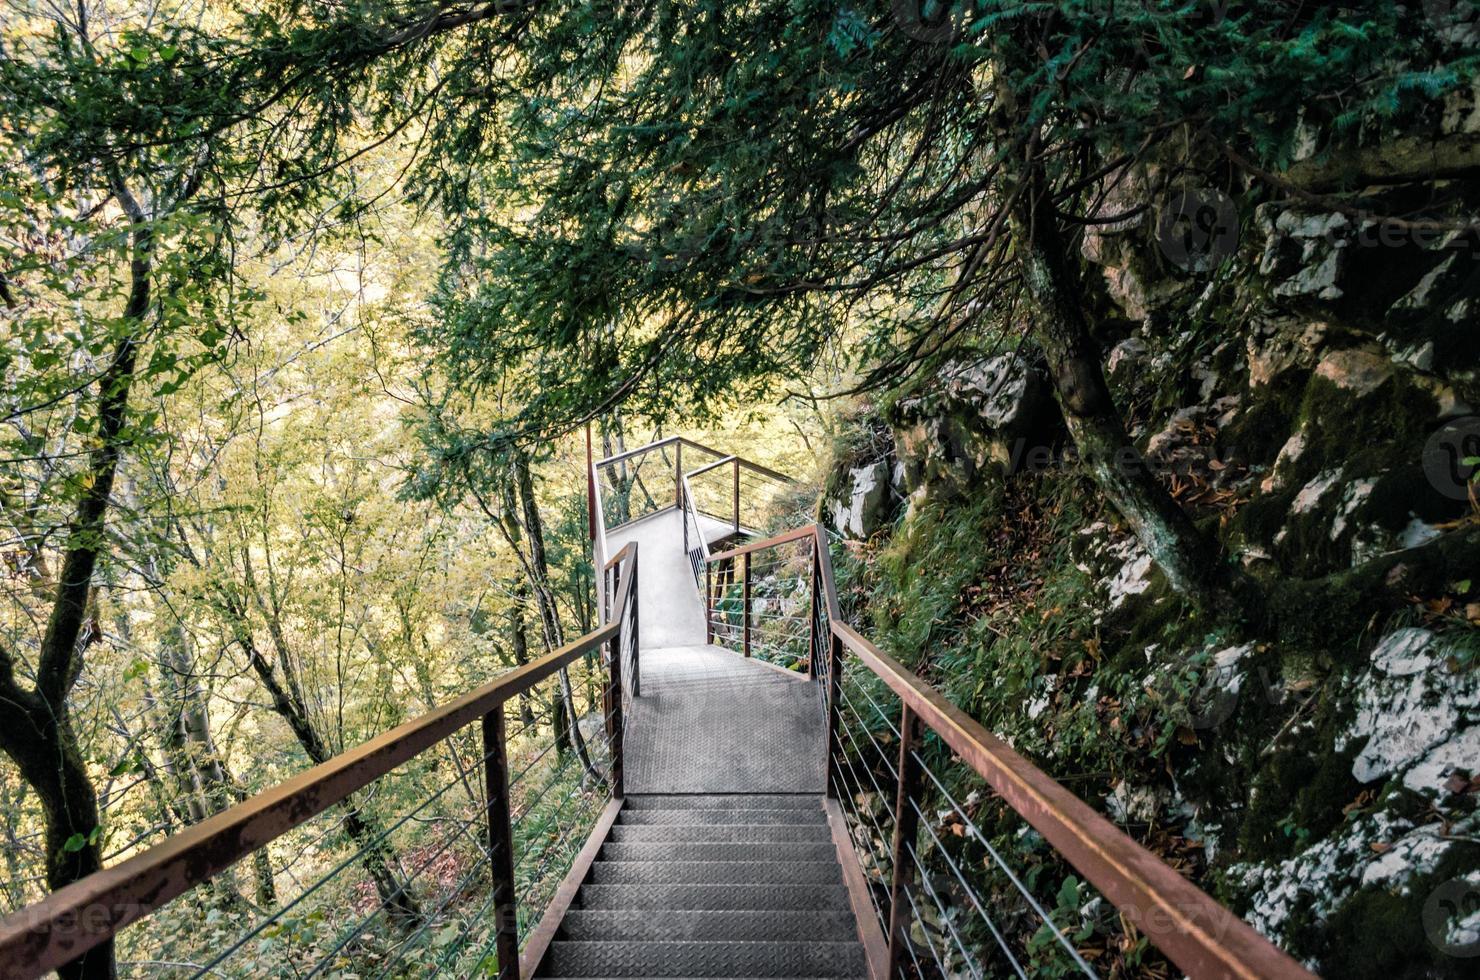 metall trappor i en skog foto